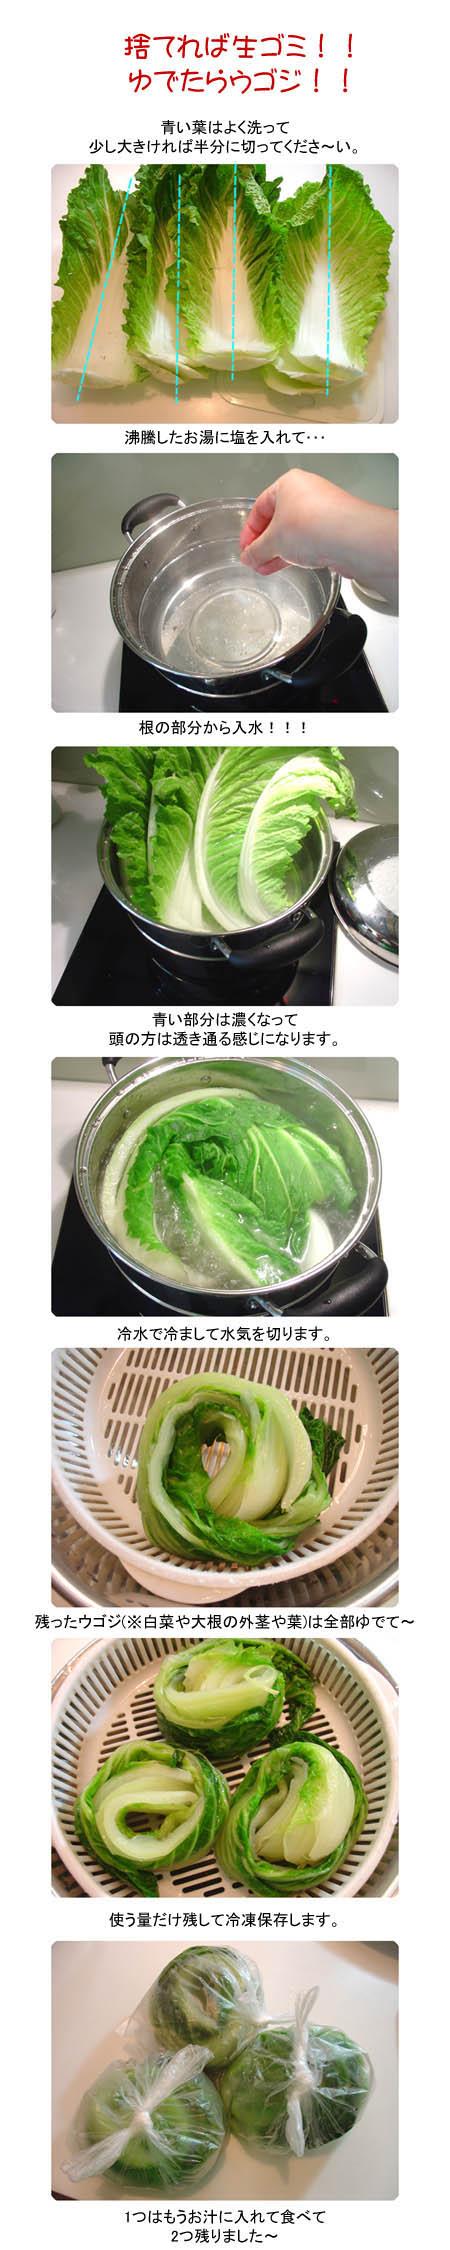 マッキムチ/チヂミ